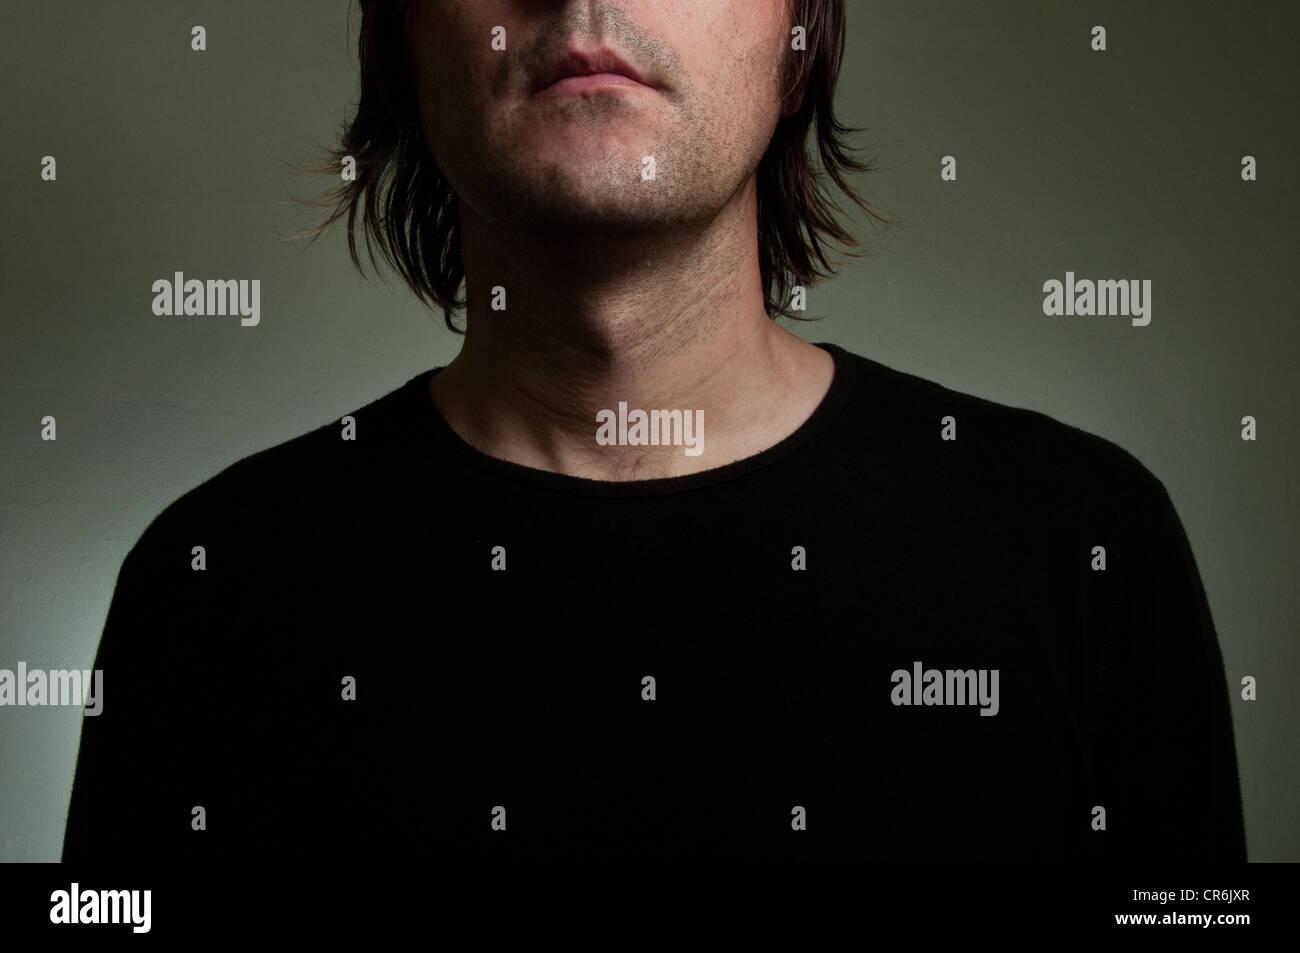 Homme portant une chemise noire avec 'insécurité' titre sur sa poitrine. La timidité, l'insécurité, Photo Stock